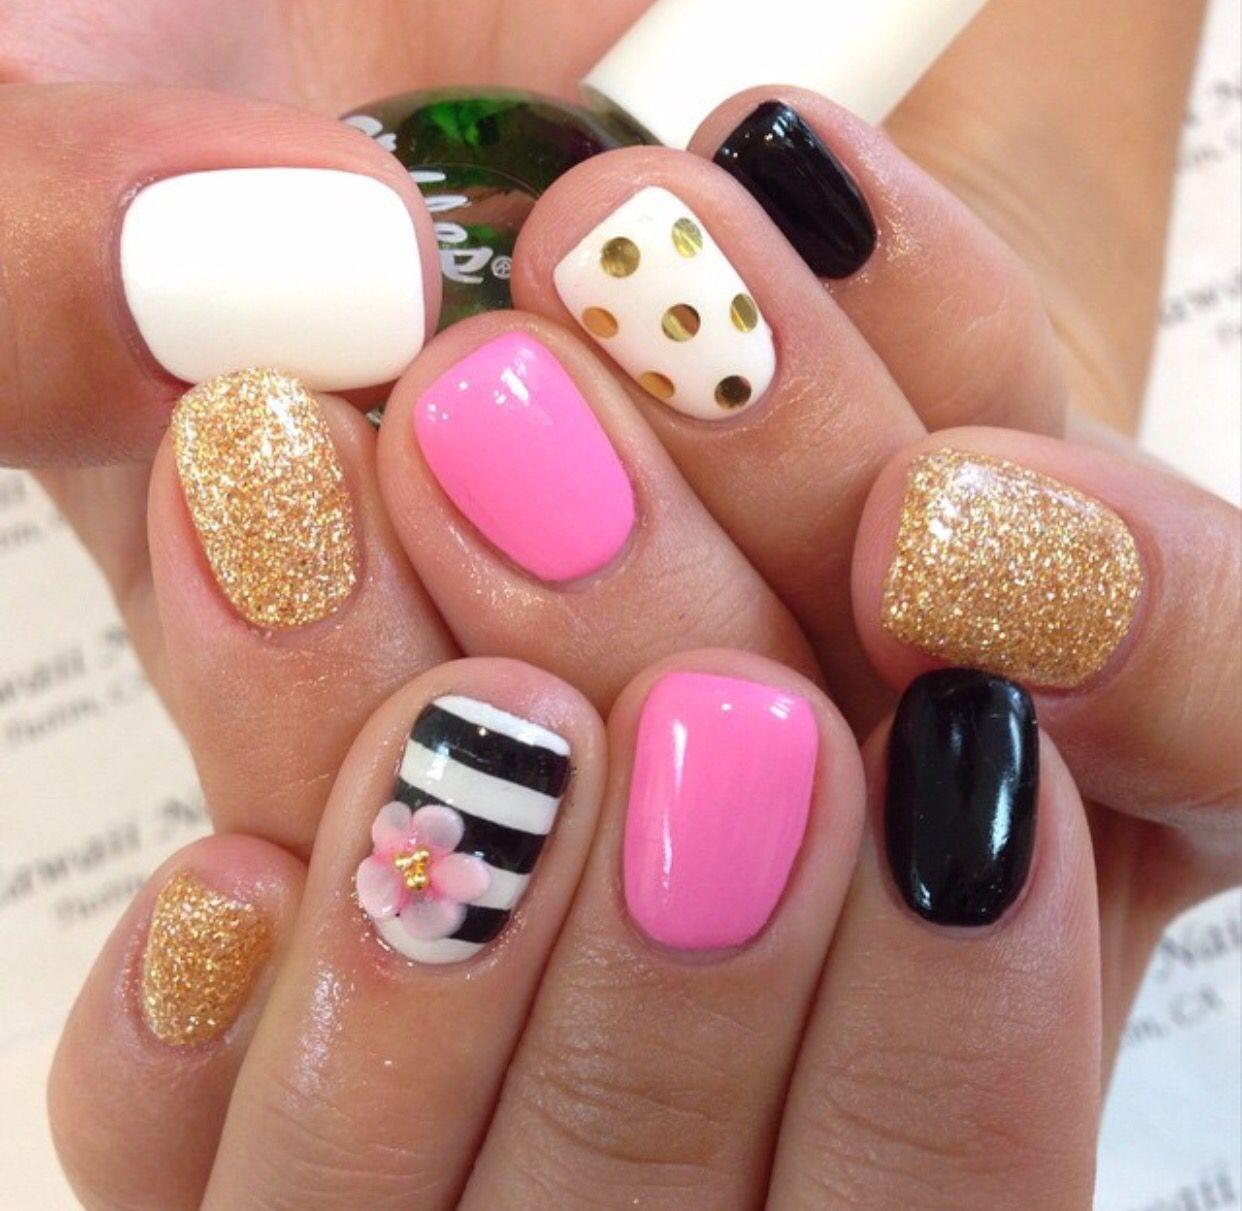 Pin de Enaizsa Deravin en Nails did | Pinterest | Diseños de uñas ...